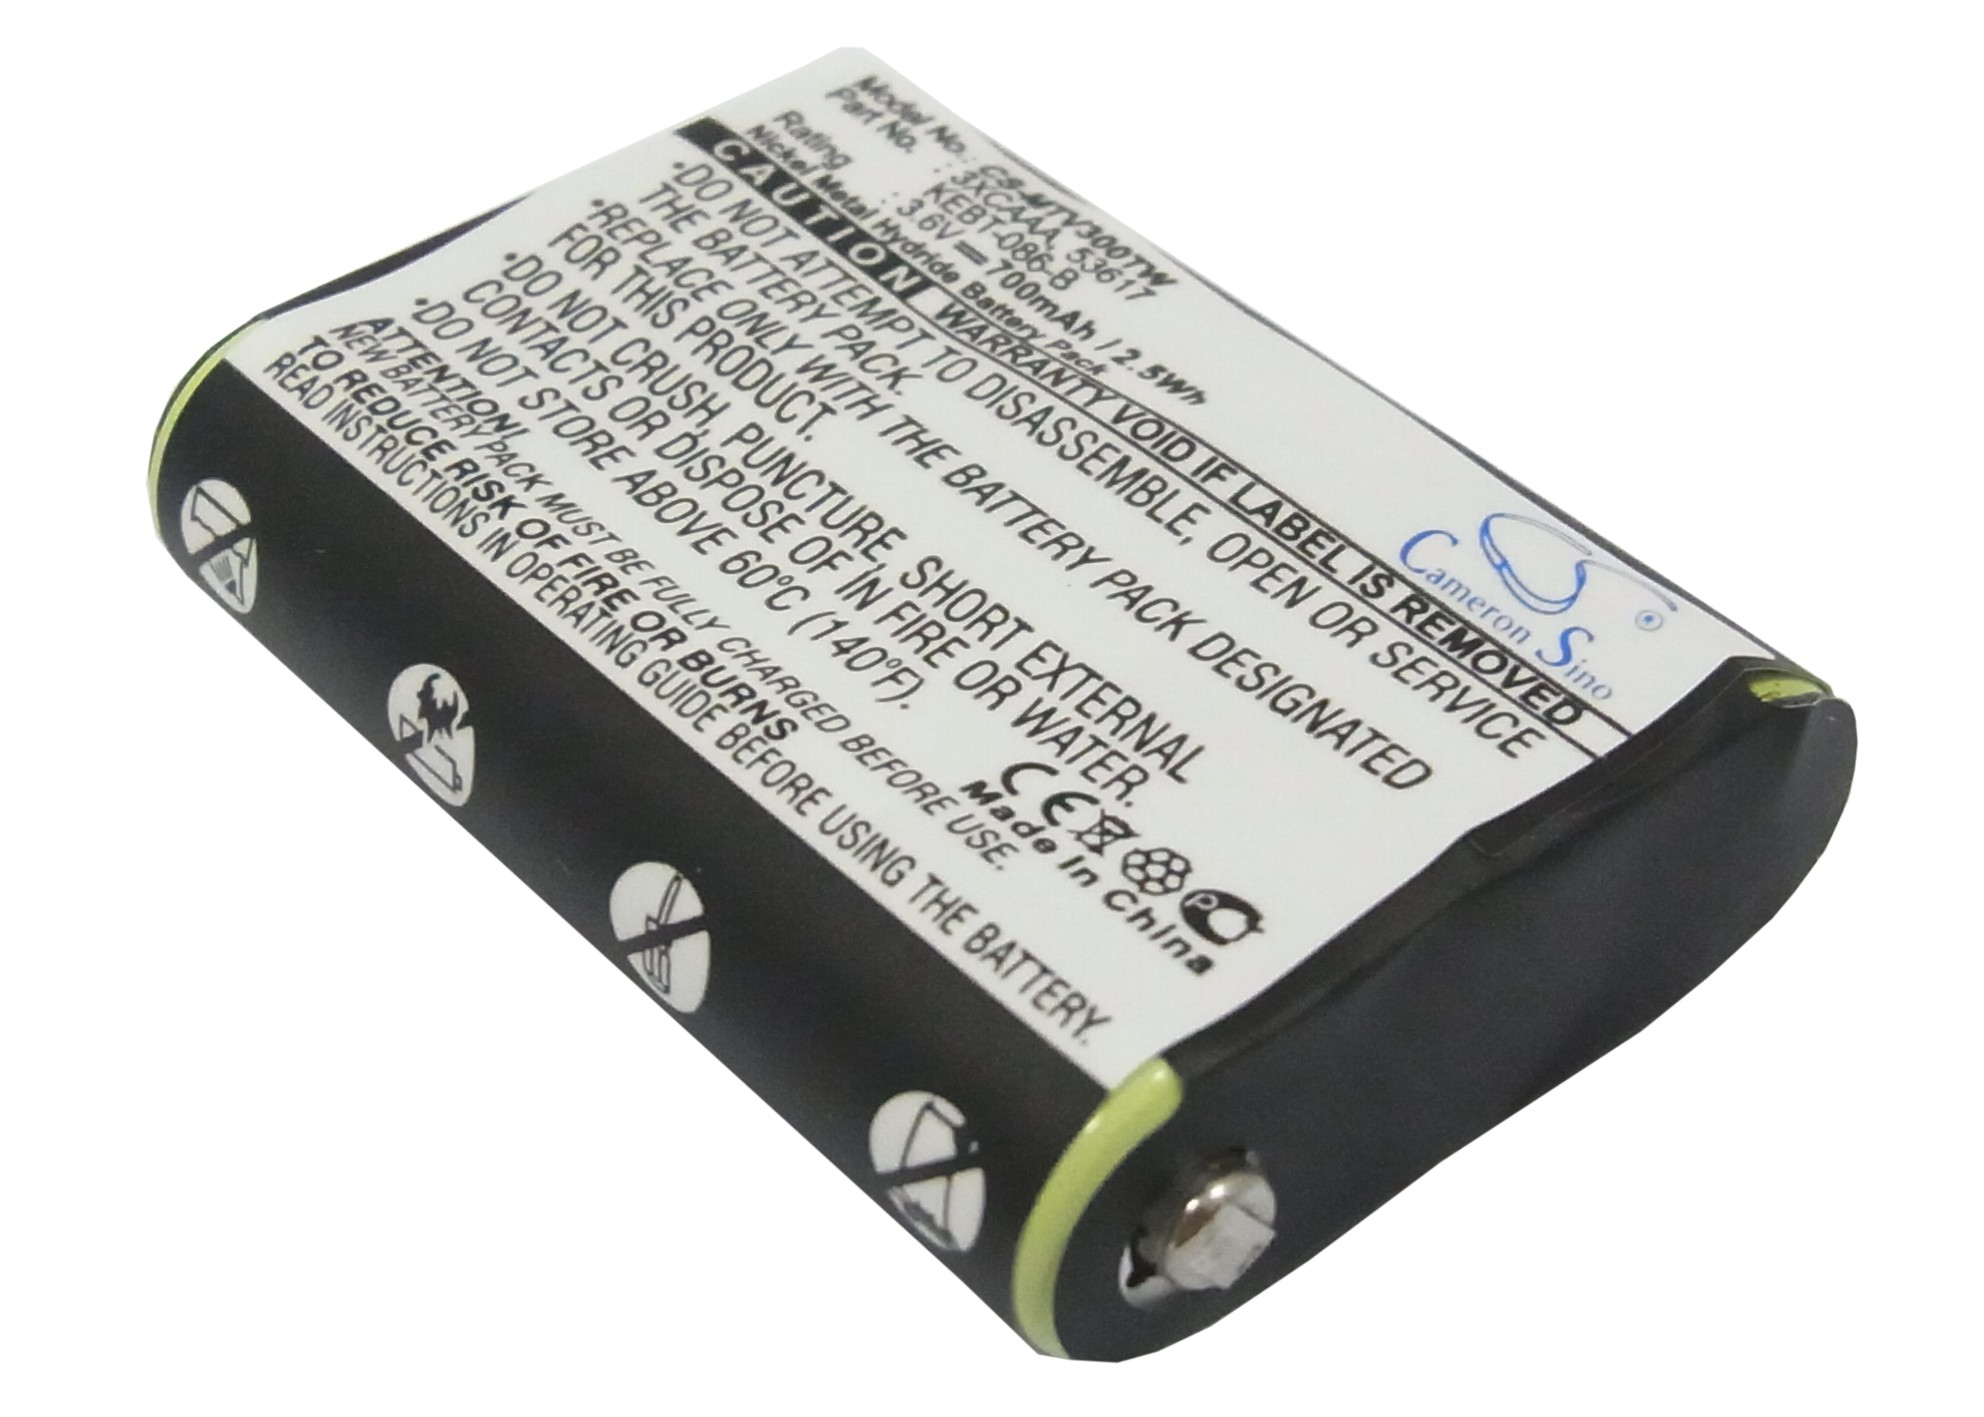 Cameron Sino baterie do vysílaček pro MOTOROLA FV300 3.6V Ni-MH 700mAh černá - neoriginální